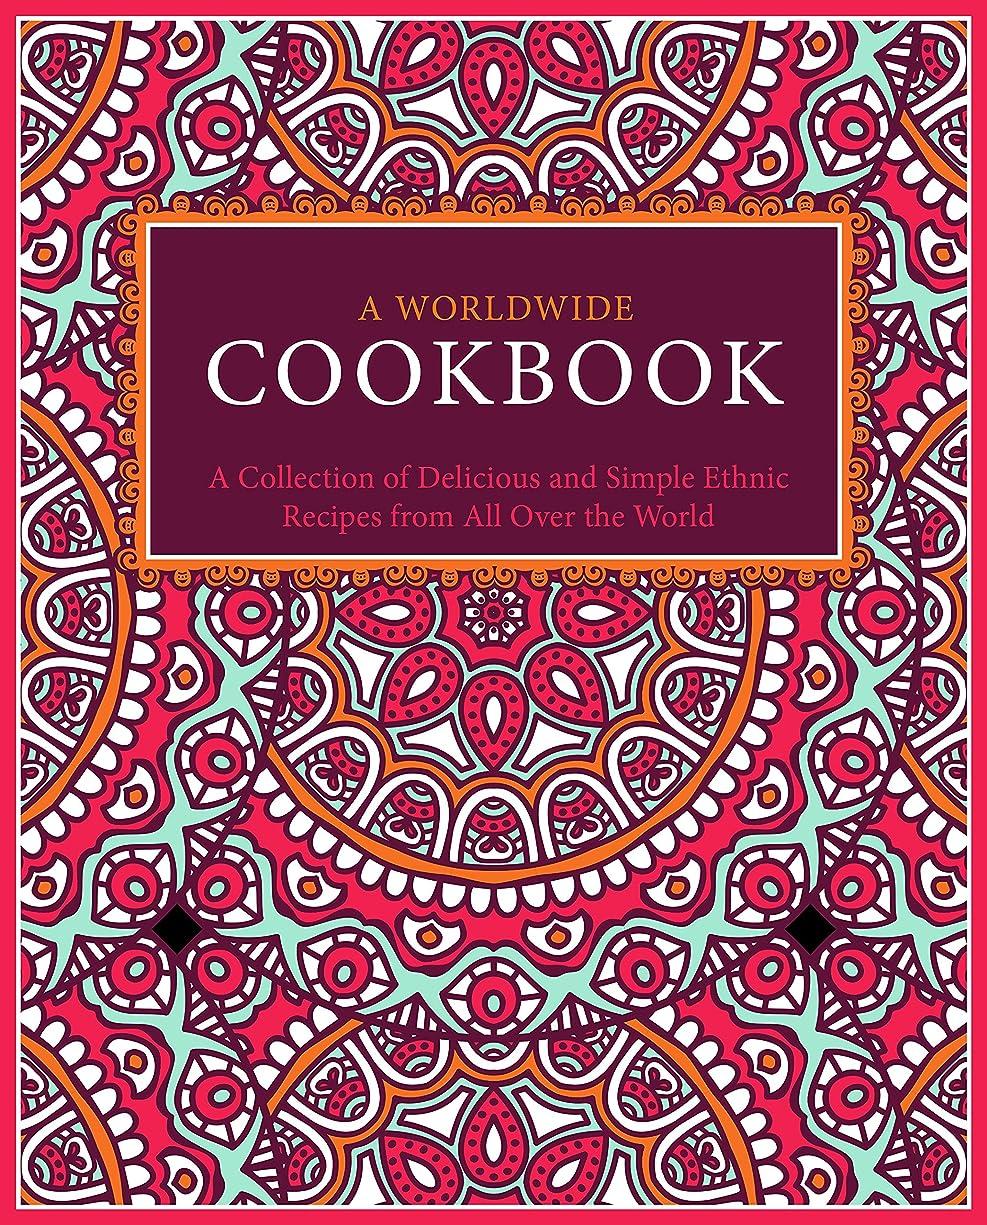 貪欲マウンド前述のA Worldwide Cookbook: A Collection of Delicious and Simple Ethnic Recipes from All Over the World (English Edition)